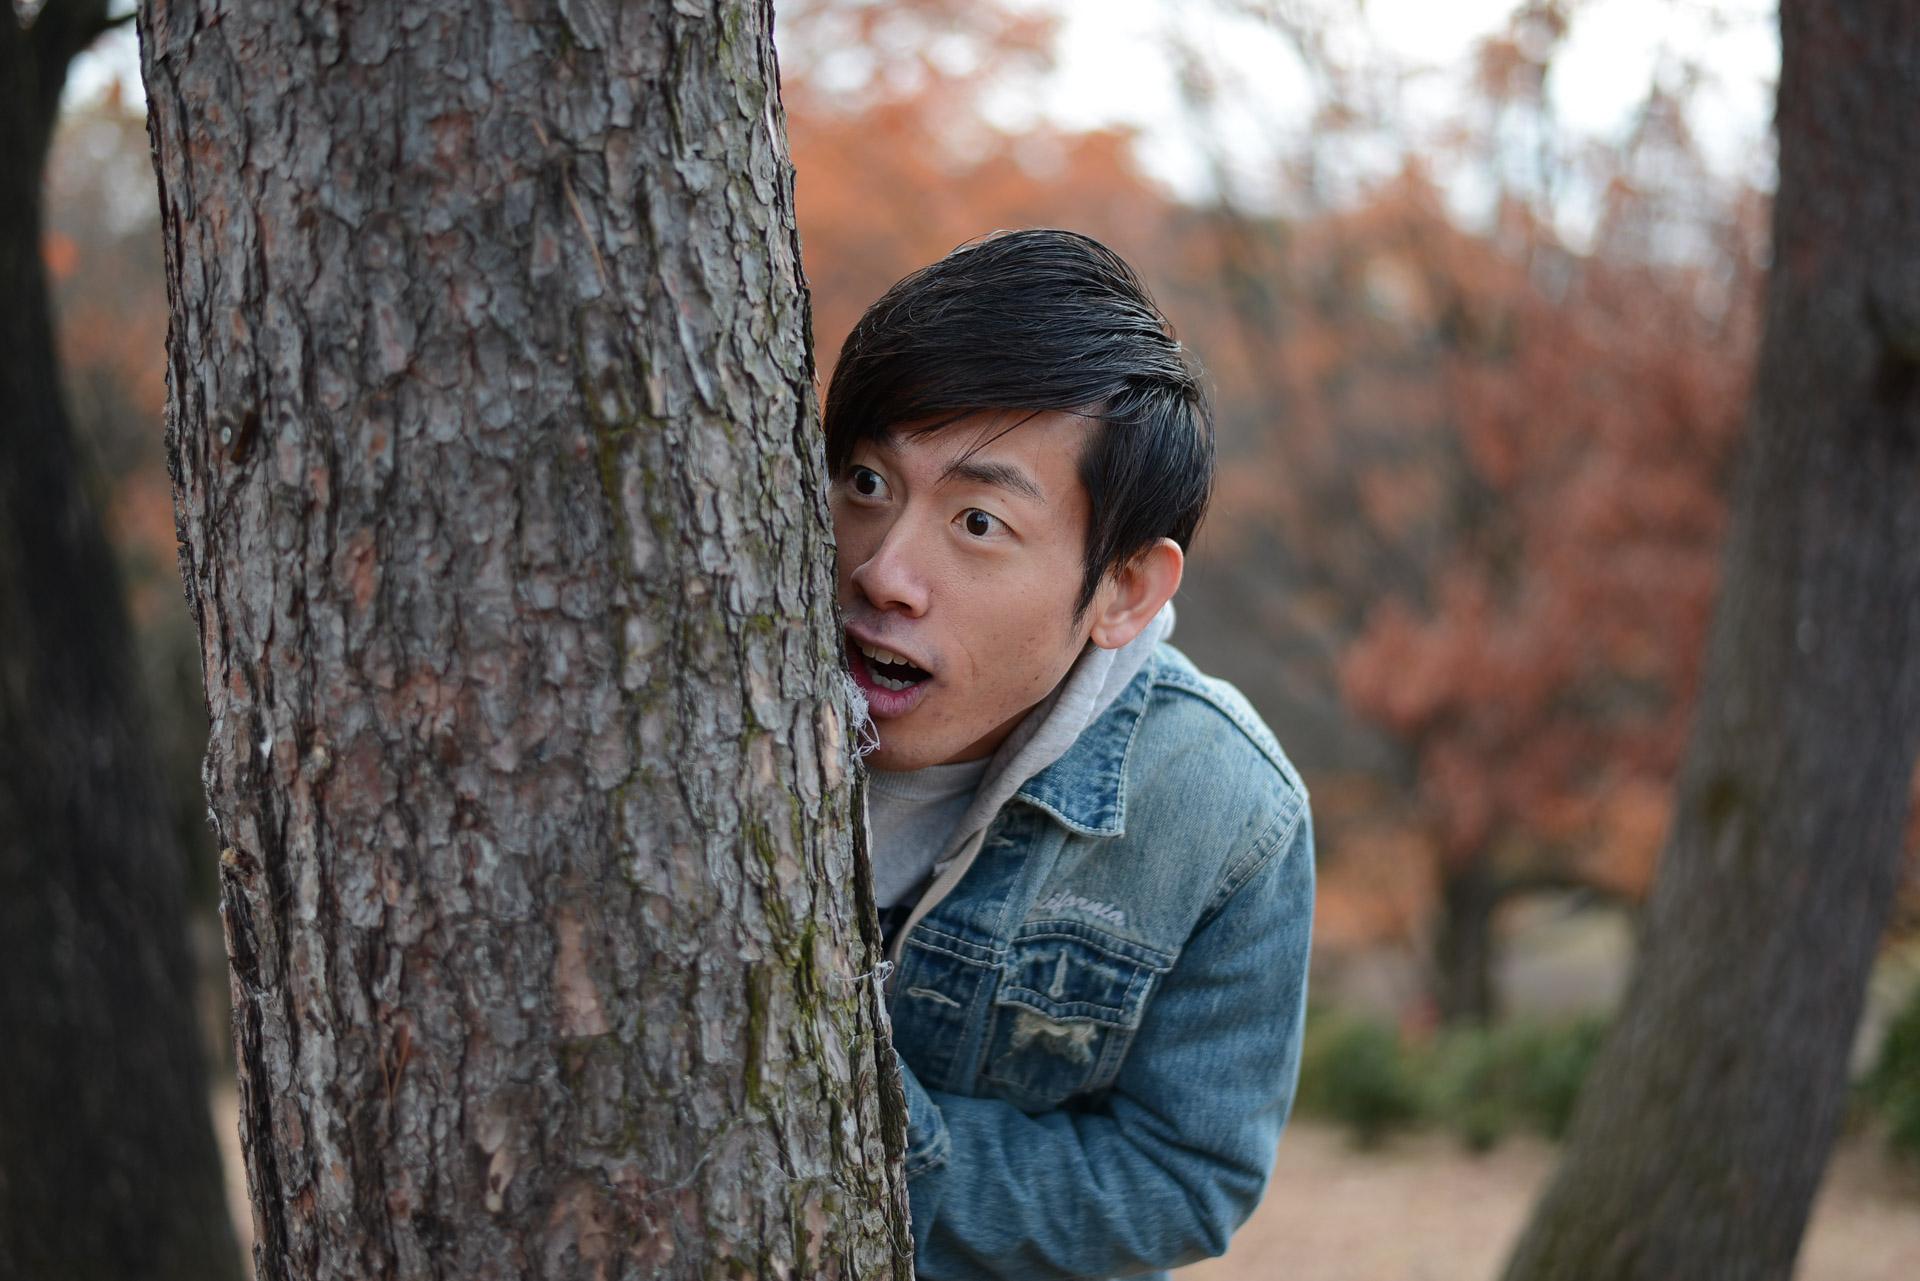 木の陰から見てはいけないものを見てしまった